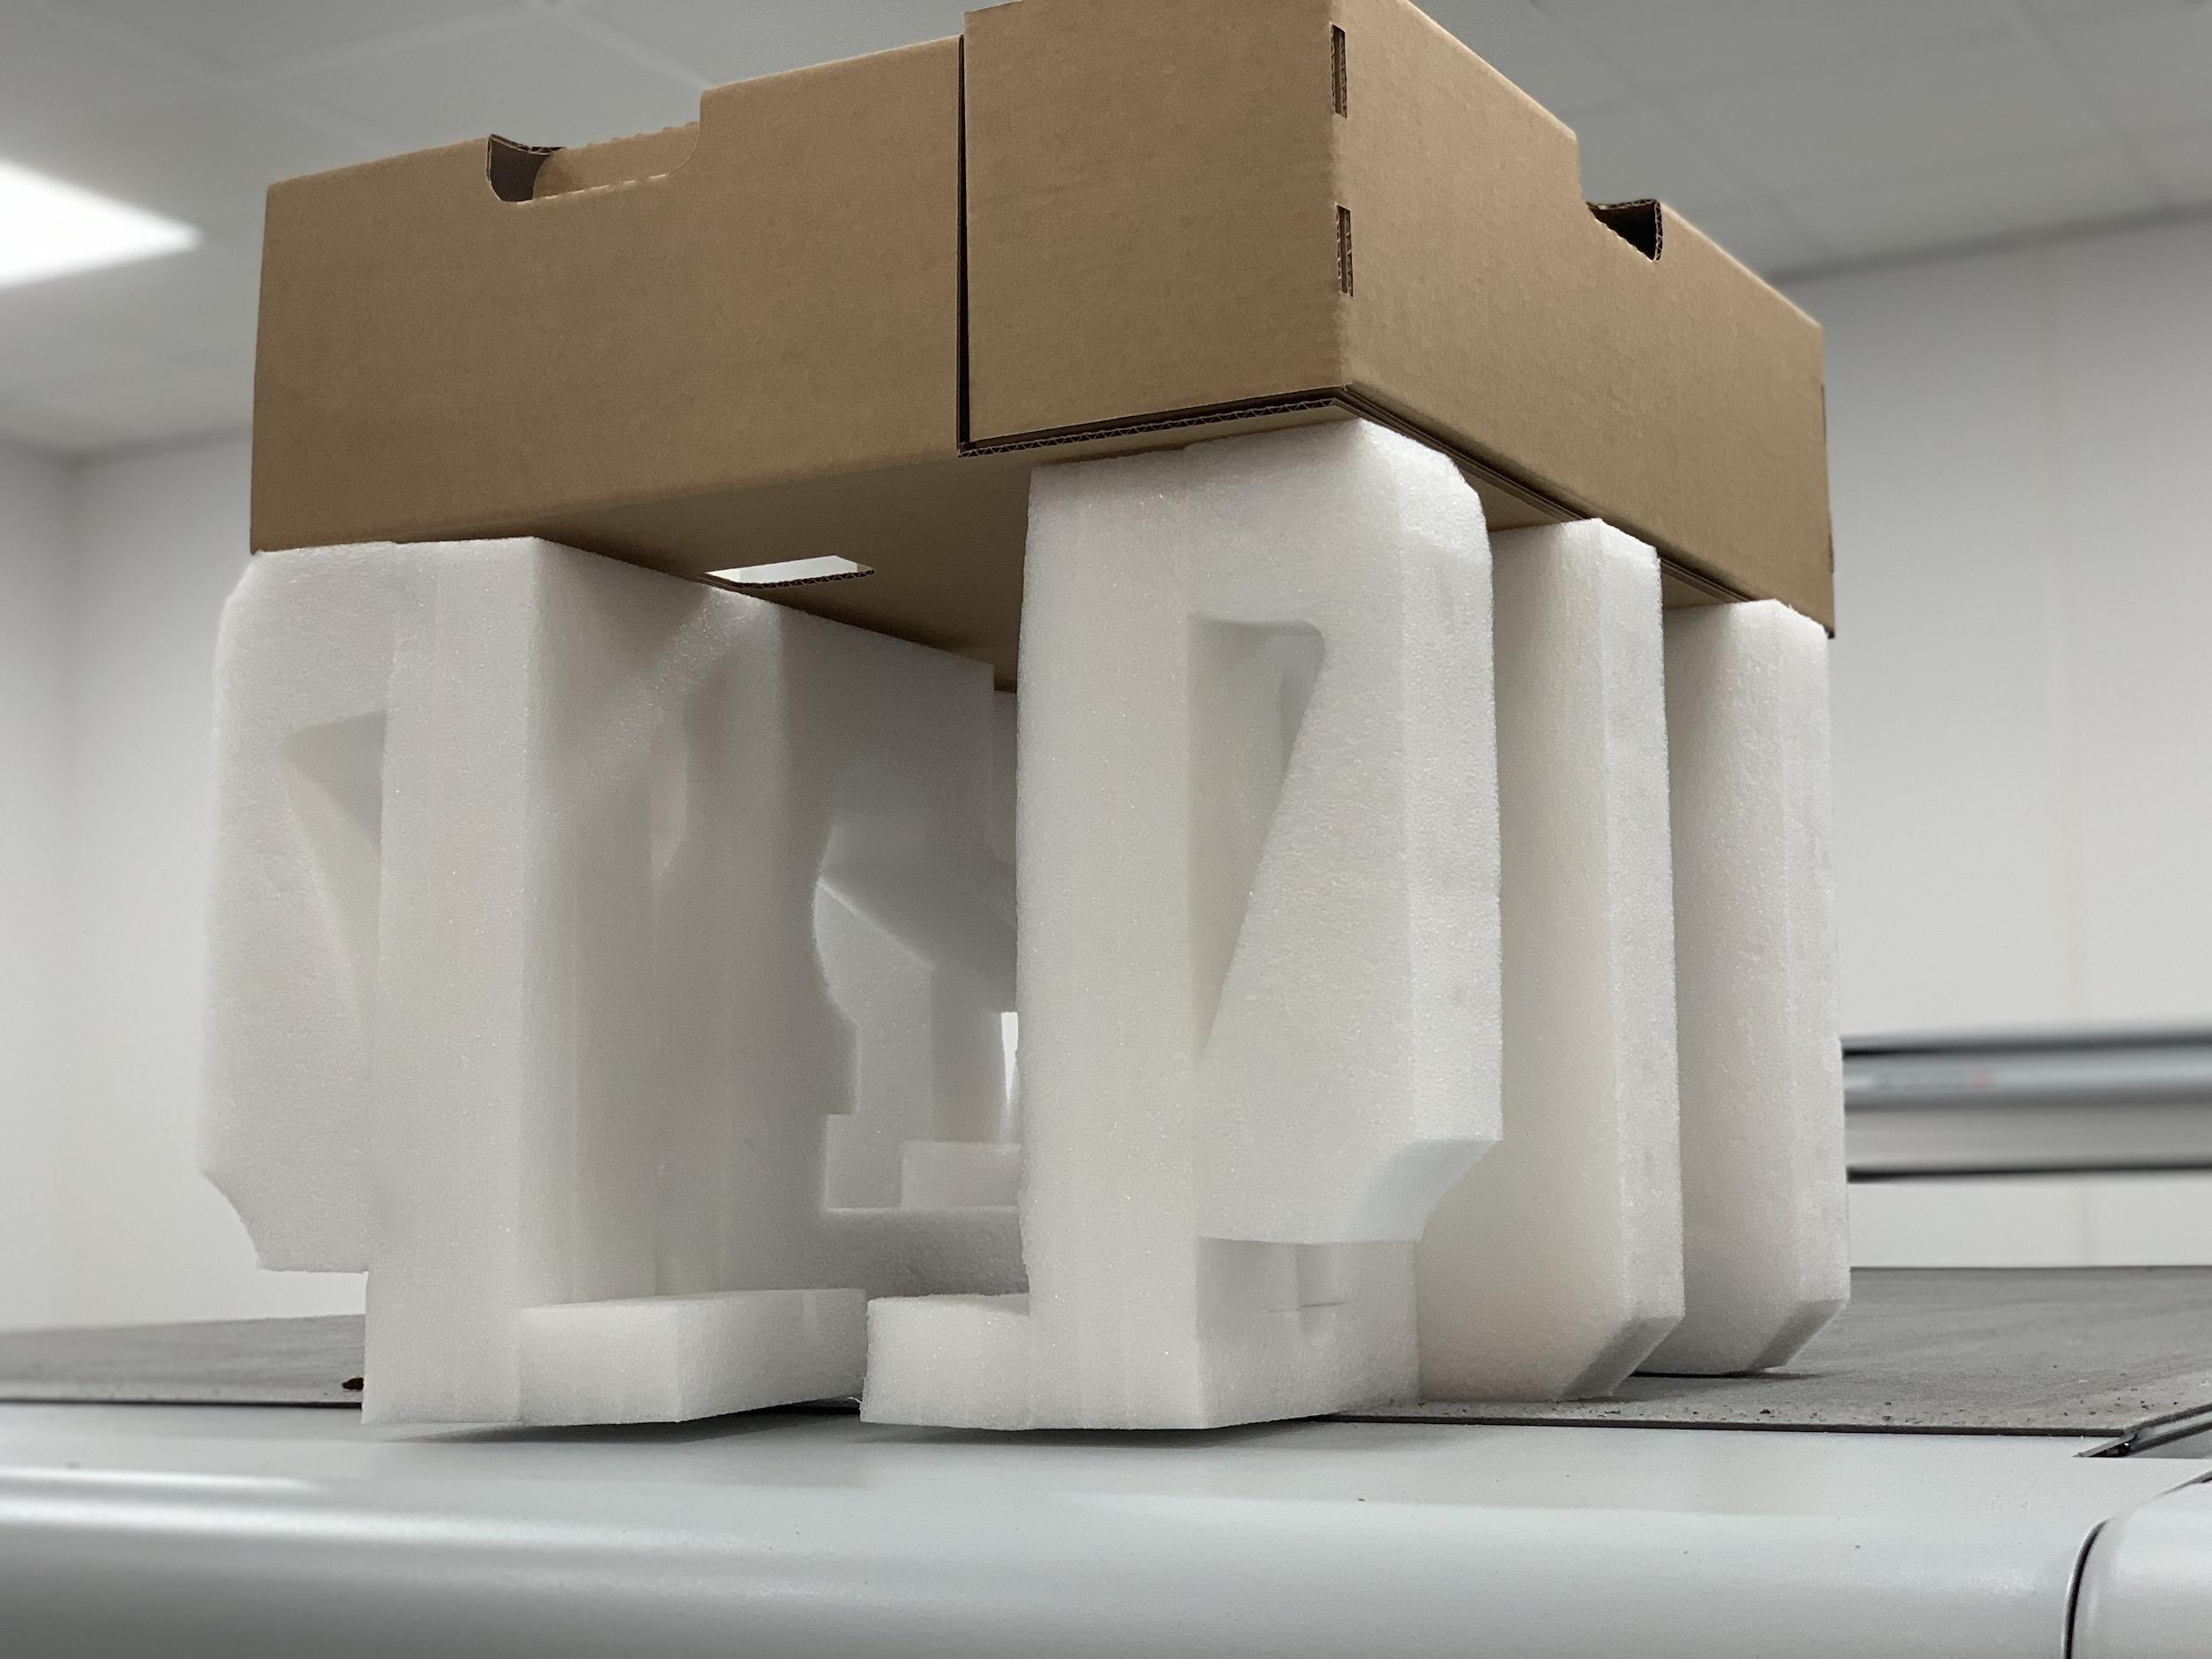 Foam & Cardboard Packaging